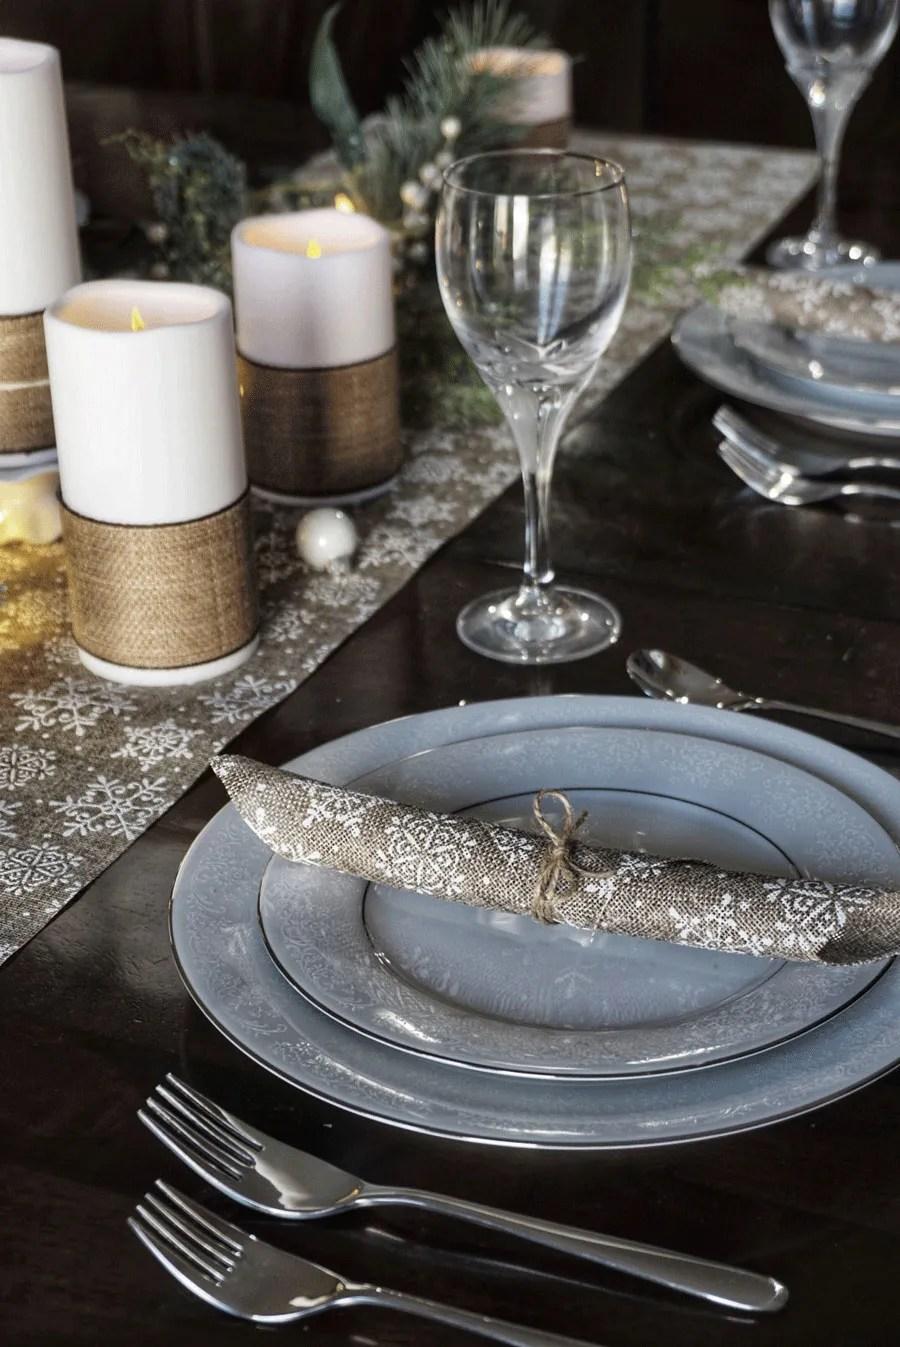 tavola delle feste - natale tovagliolo e candele